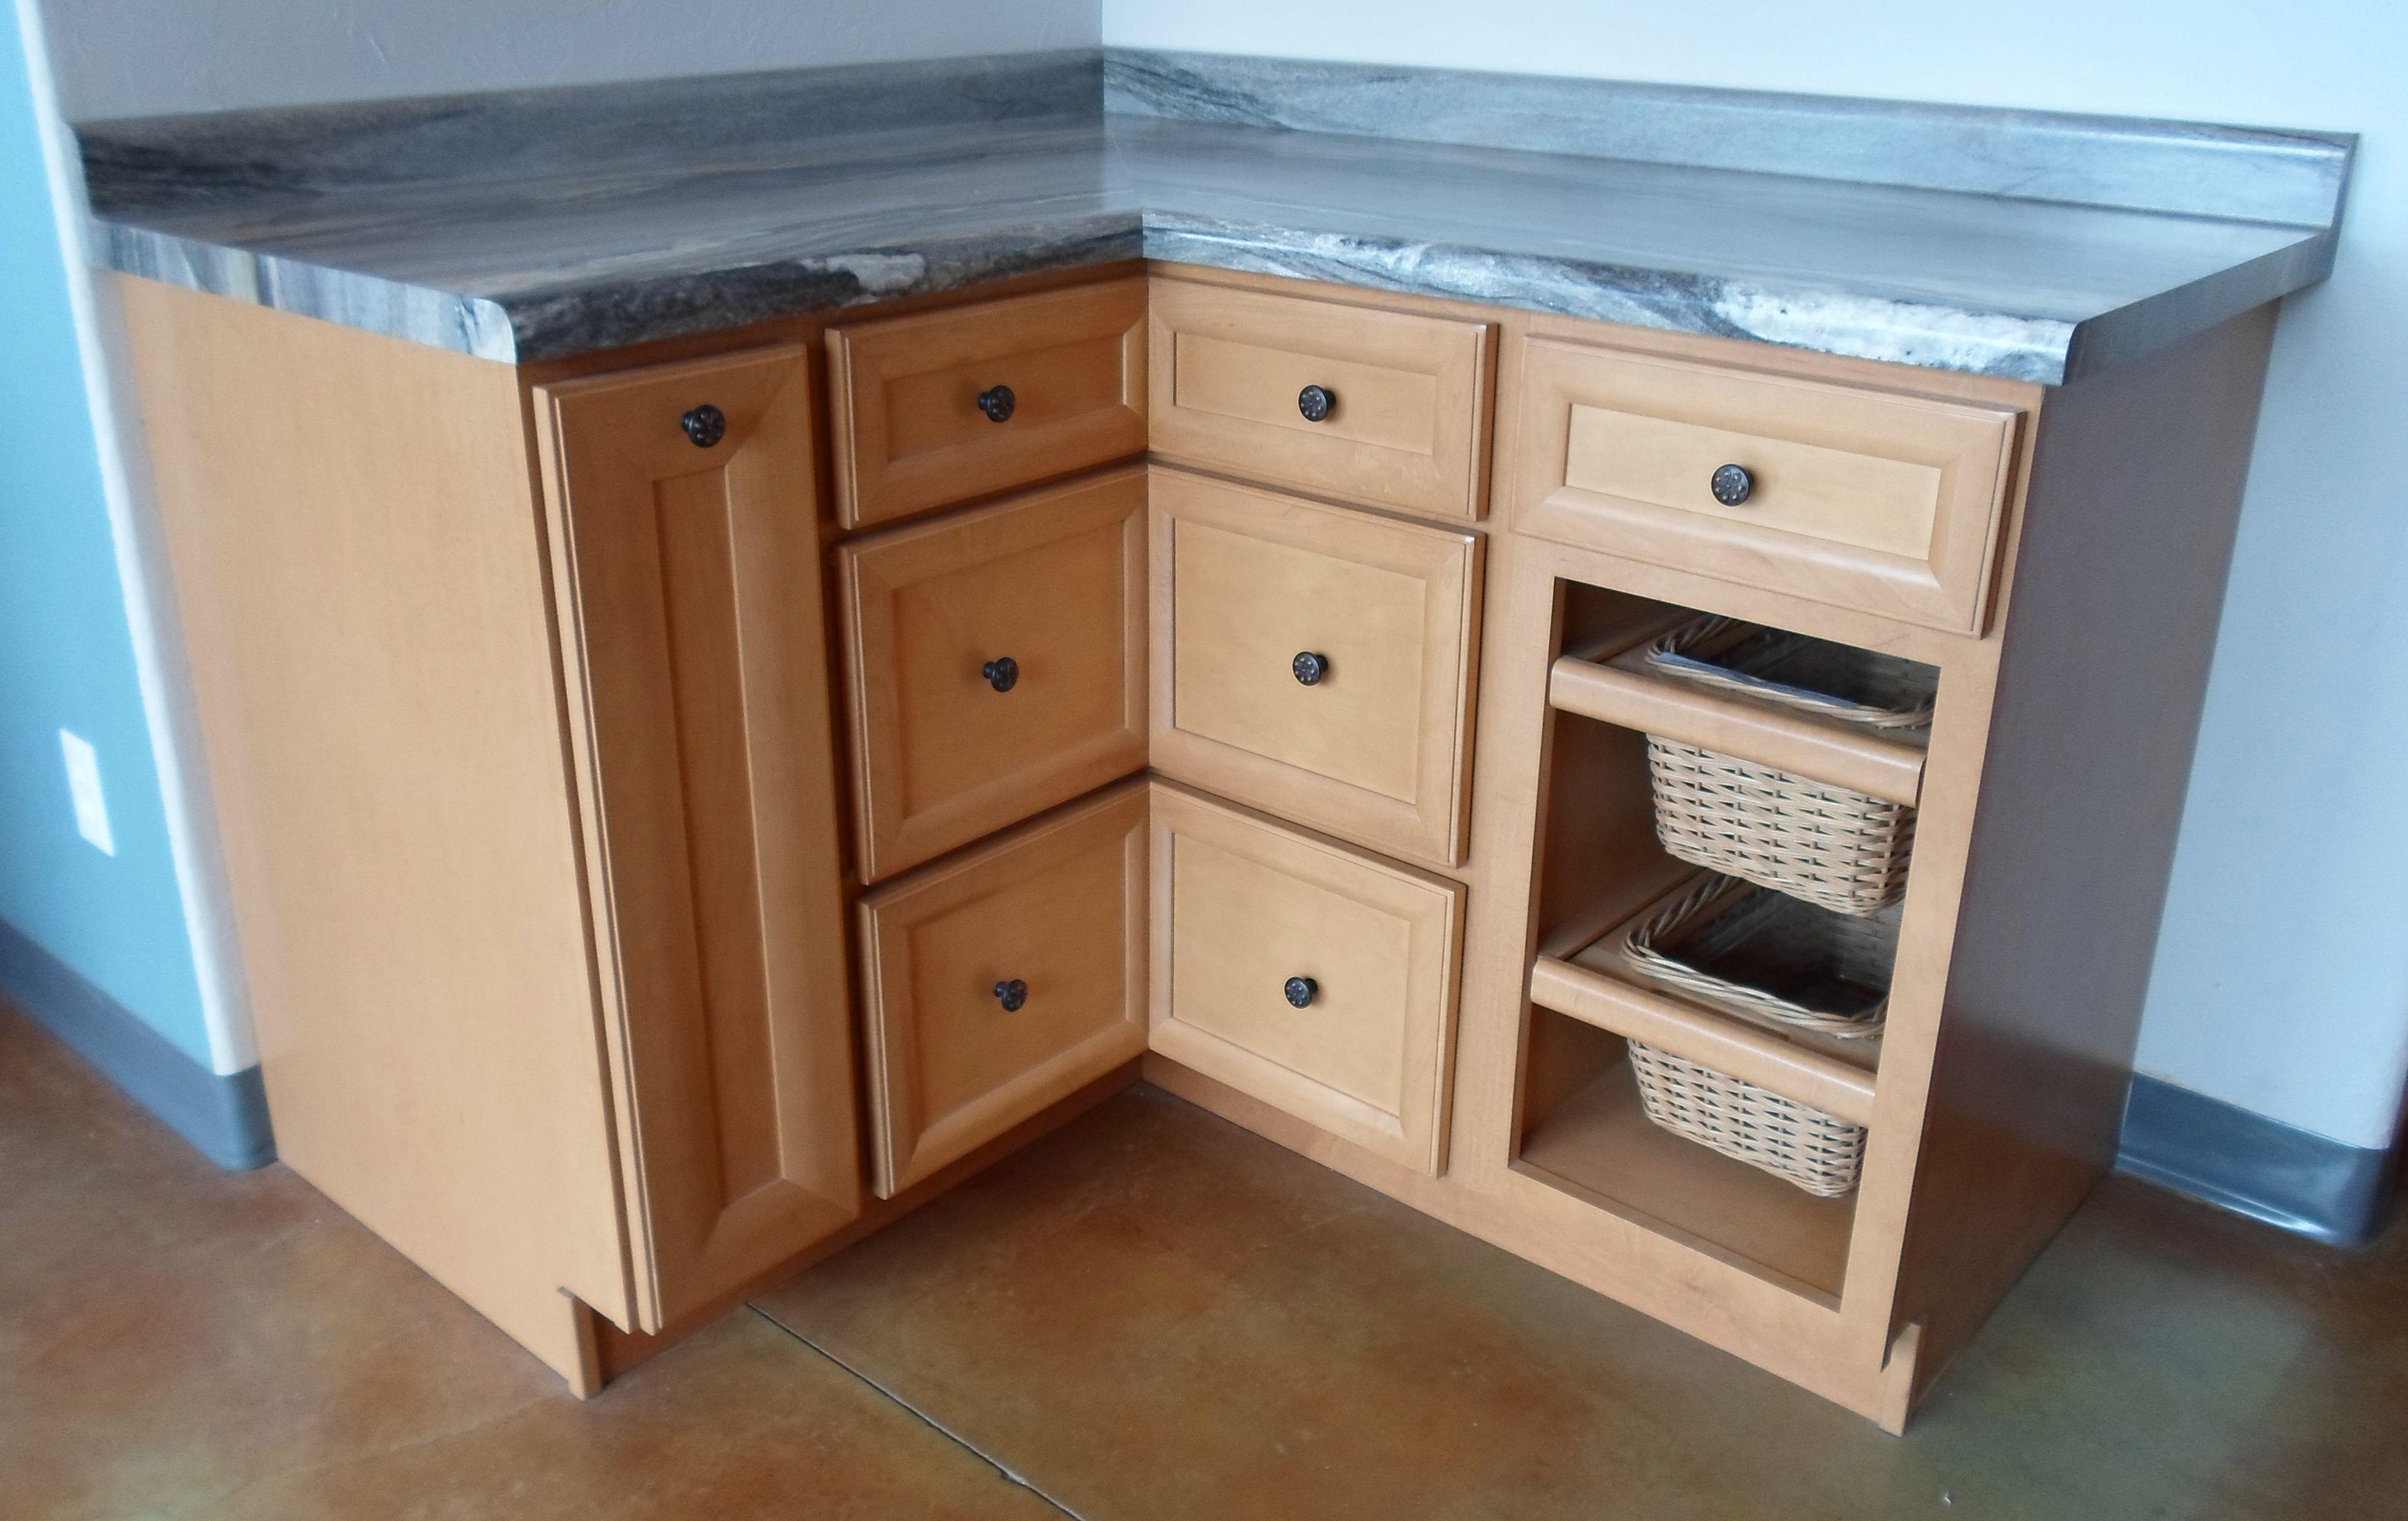 Karman Brand Maple Cabinets Bridgeport Door Style And Honey Finish Maple Cabinets Cabinet Home